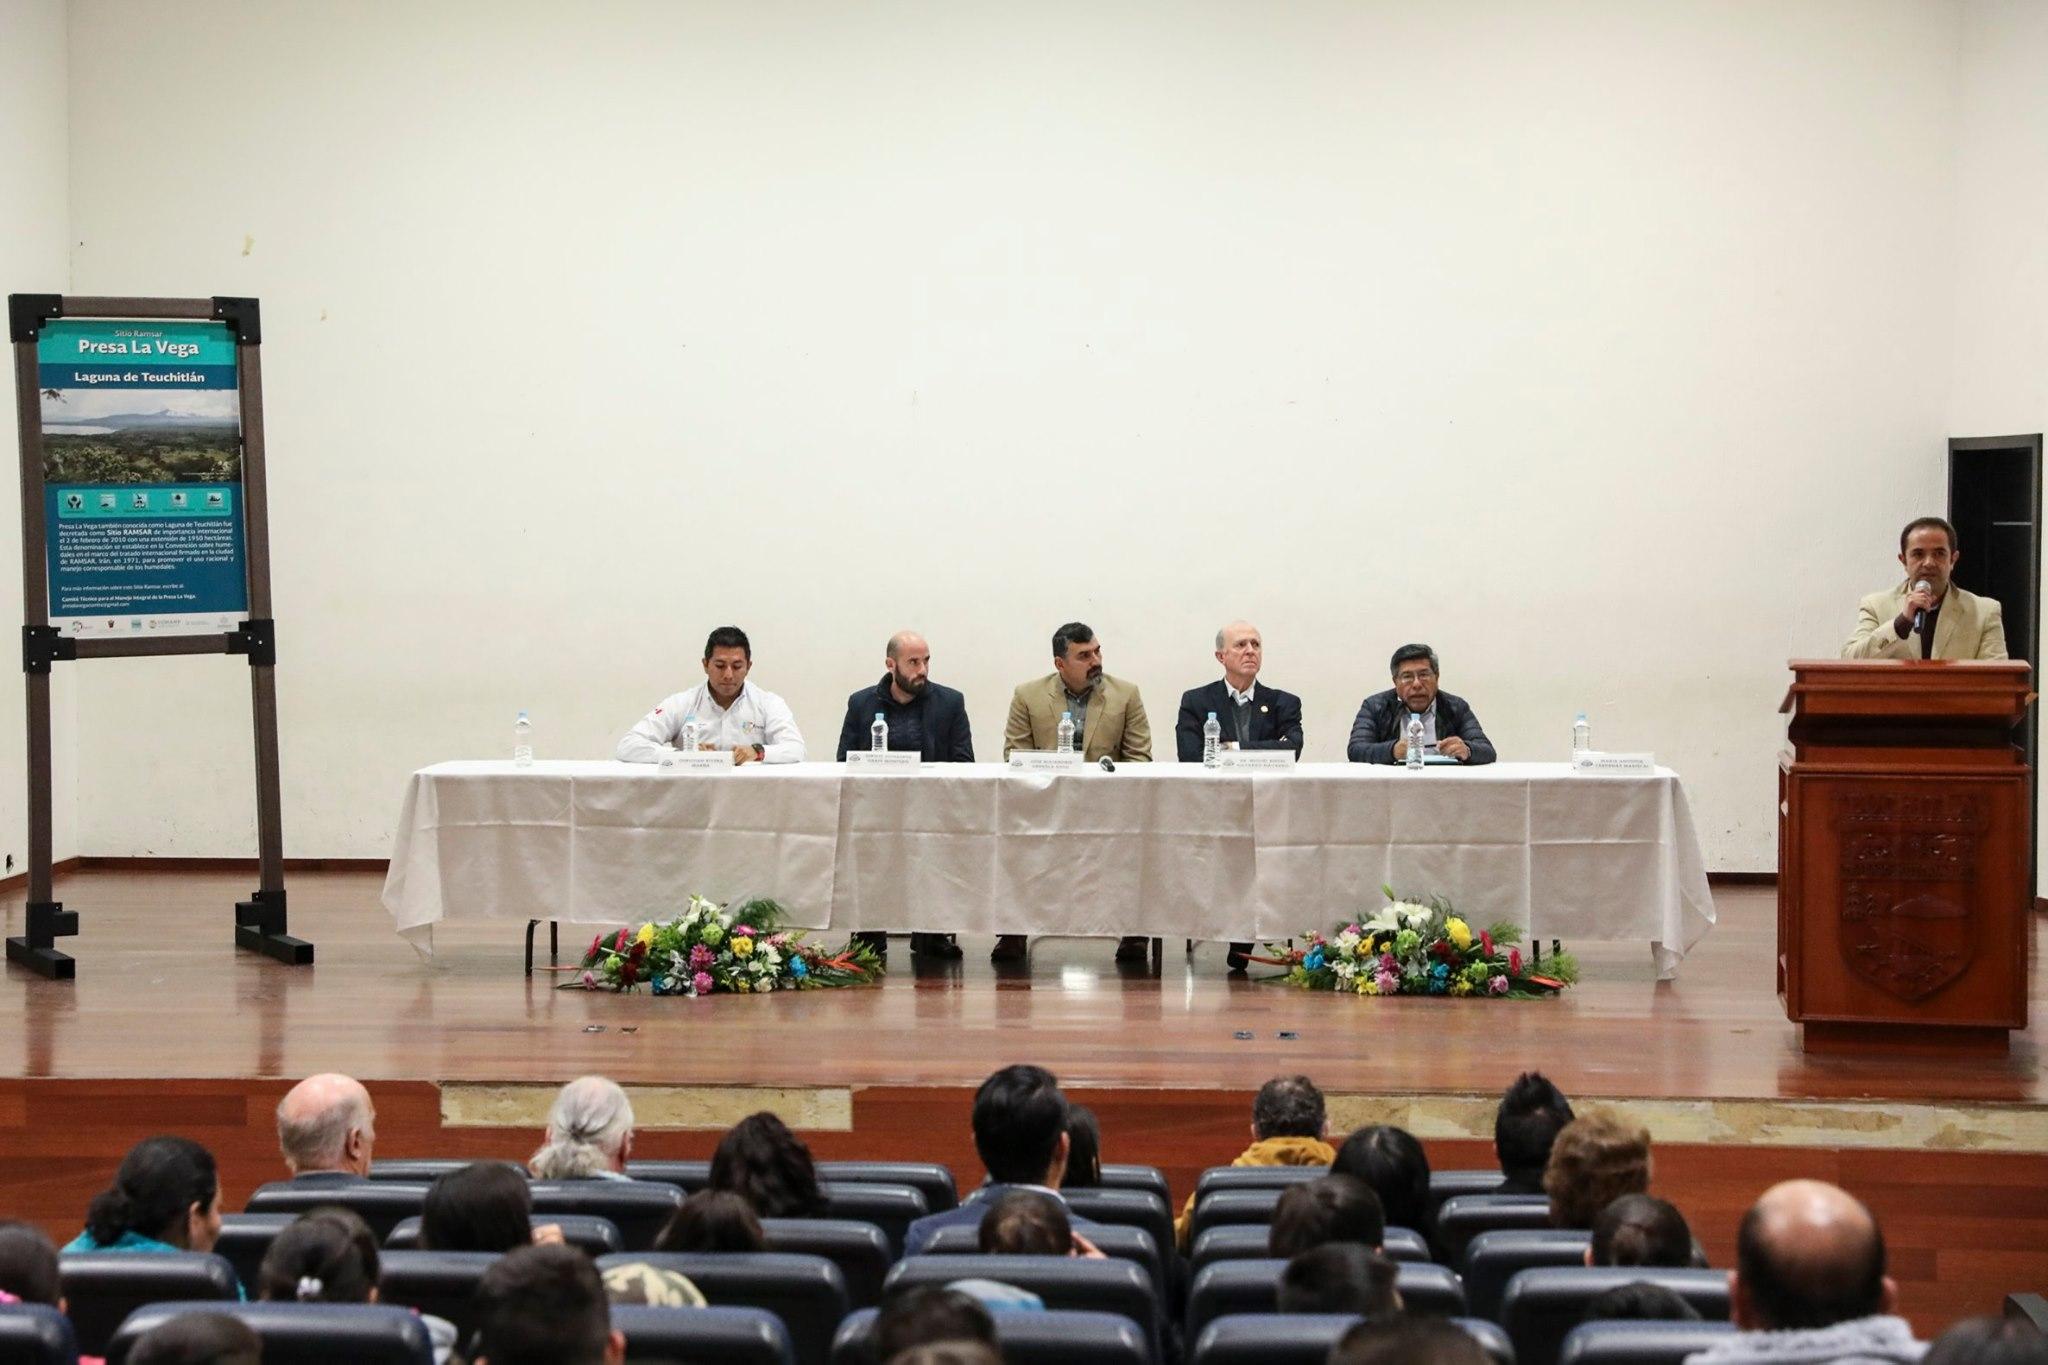 Presidium de la mesa de diálogo del Comité Presa La Vega